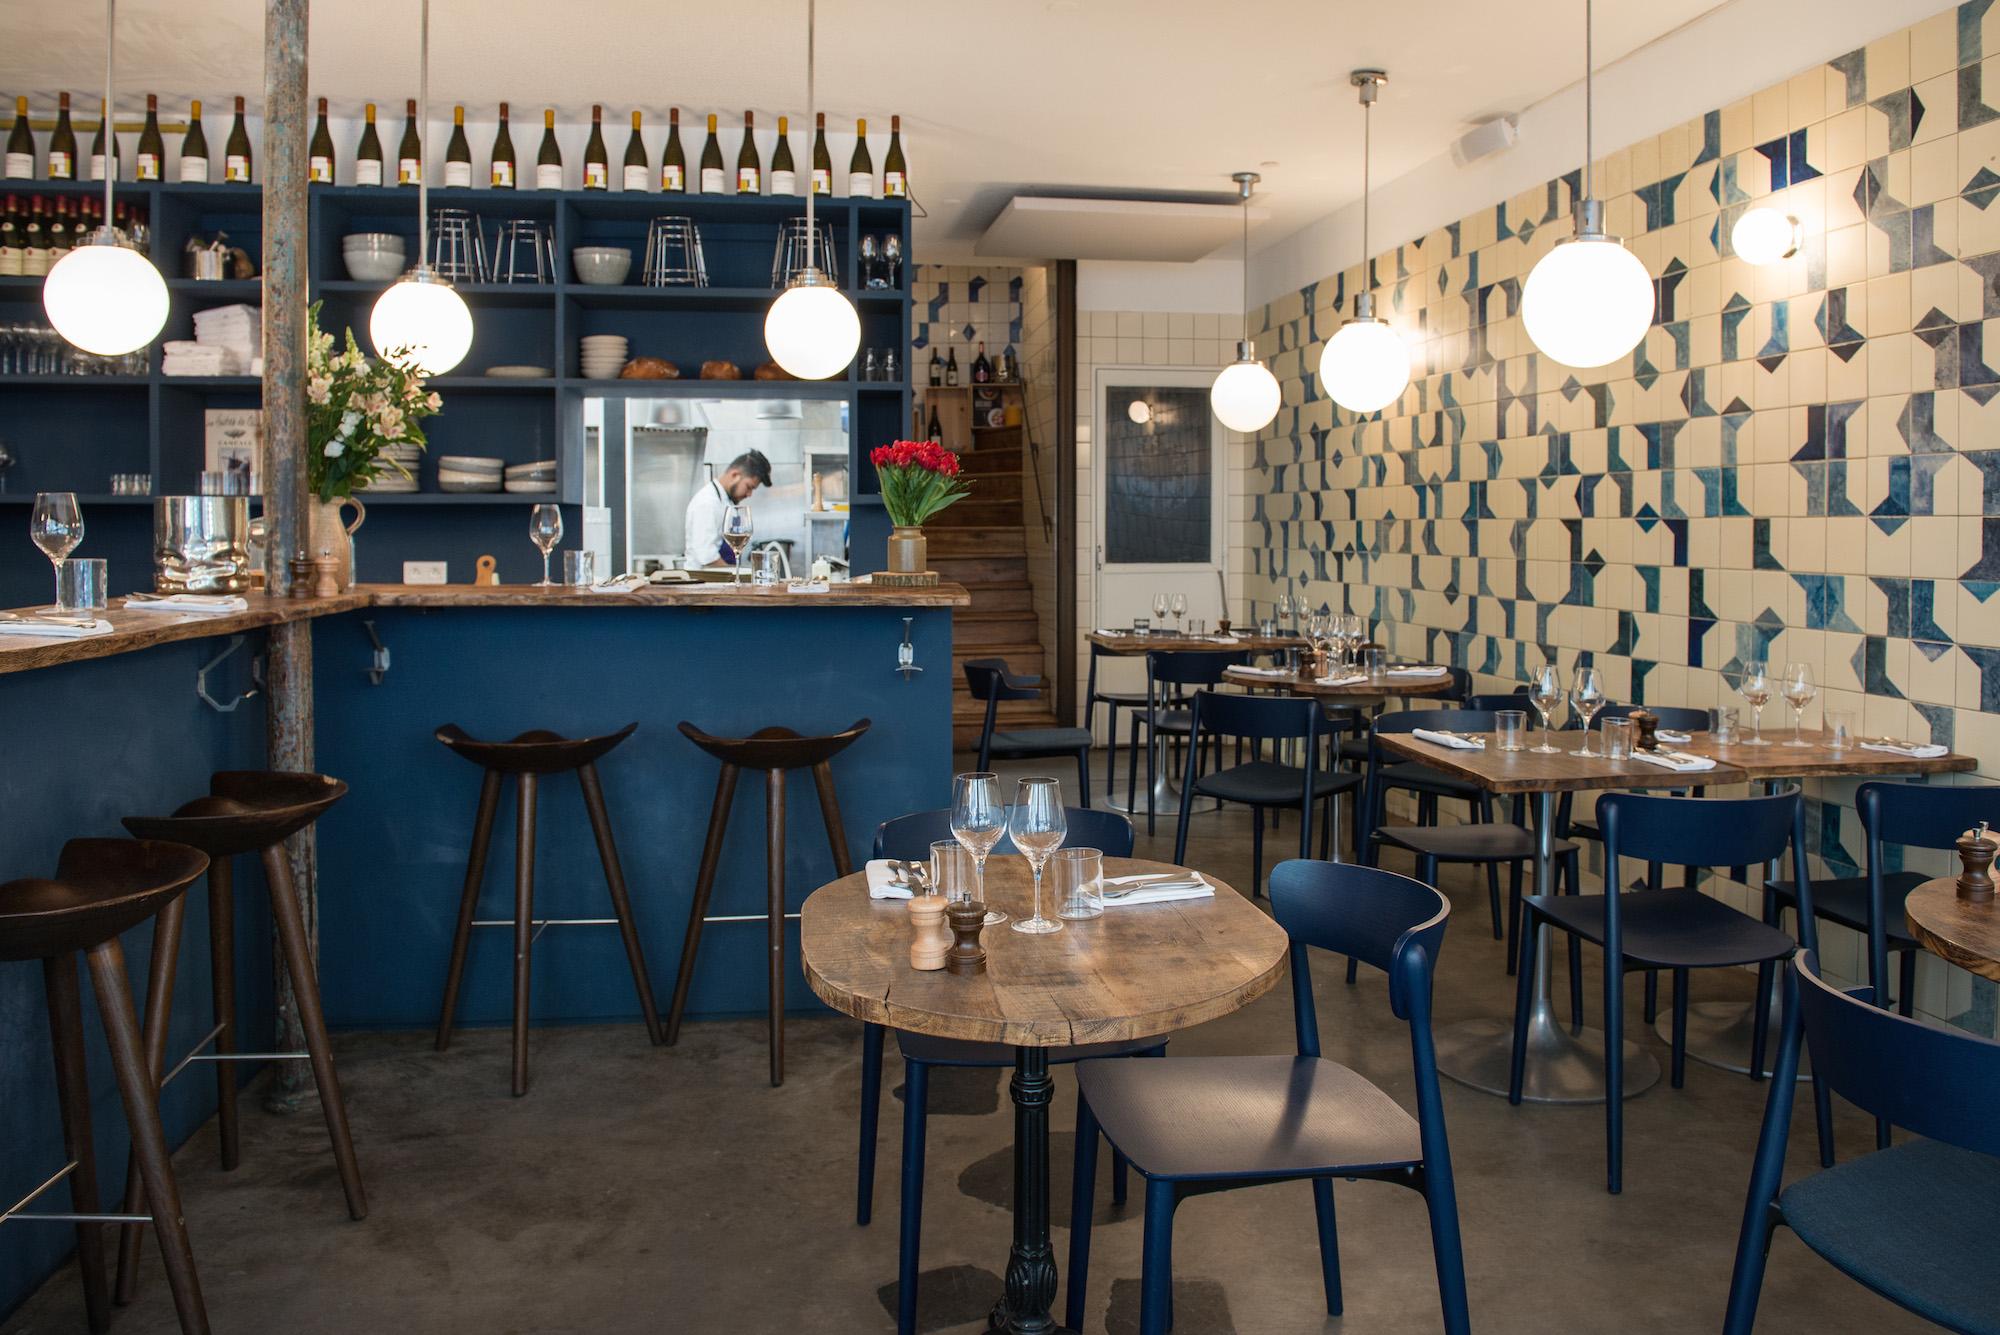 Hip paris blog - Belle maison restaurant paris ...